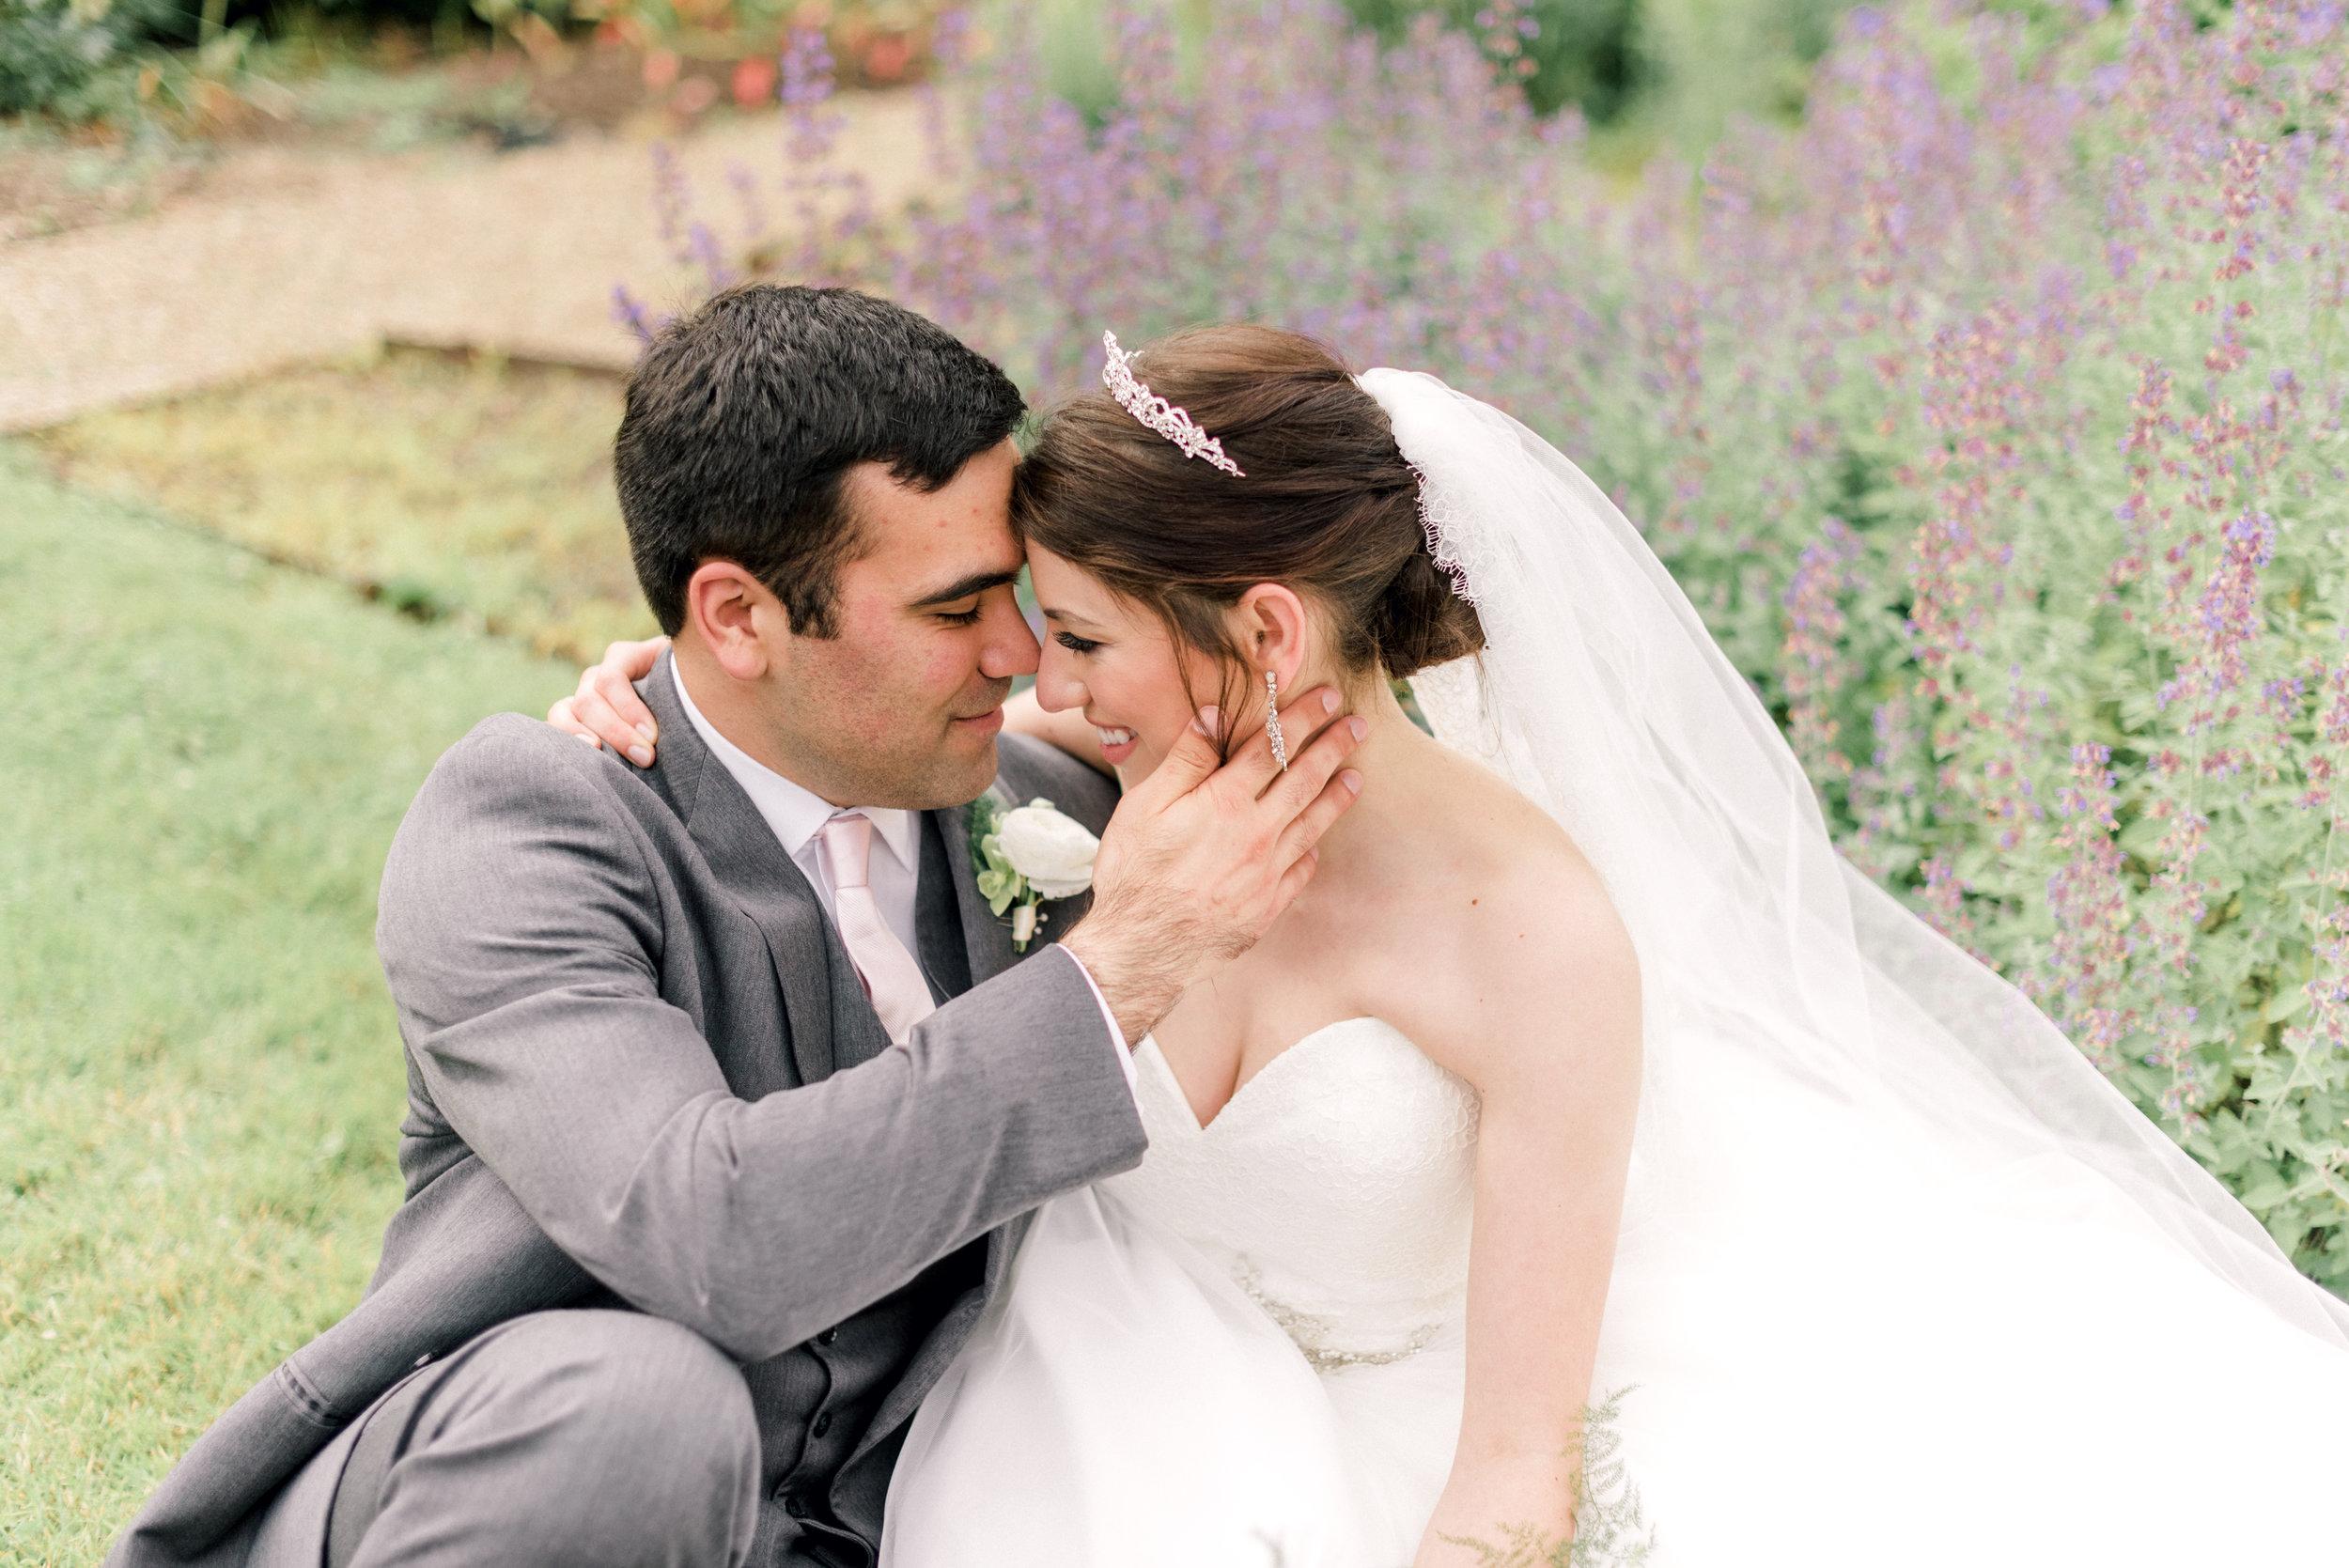 pittsburgh-wedding-photographer-hartwood-acres-0039.jpg